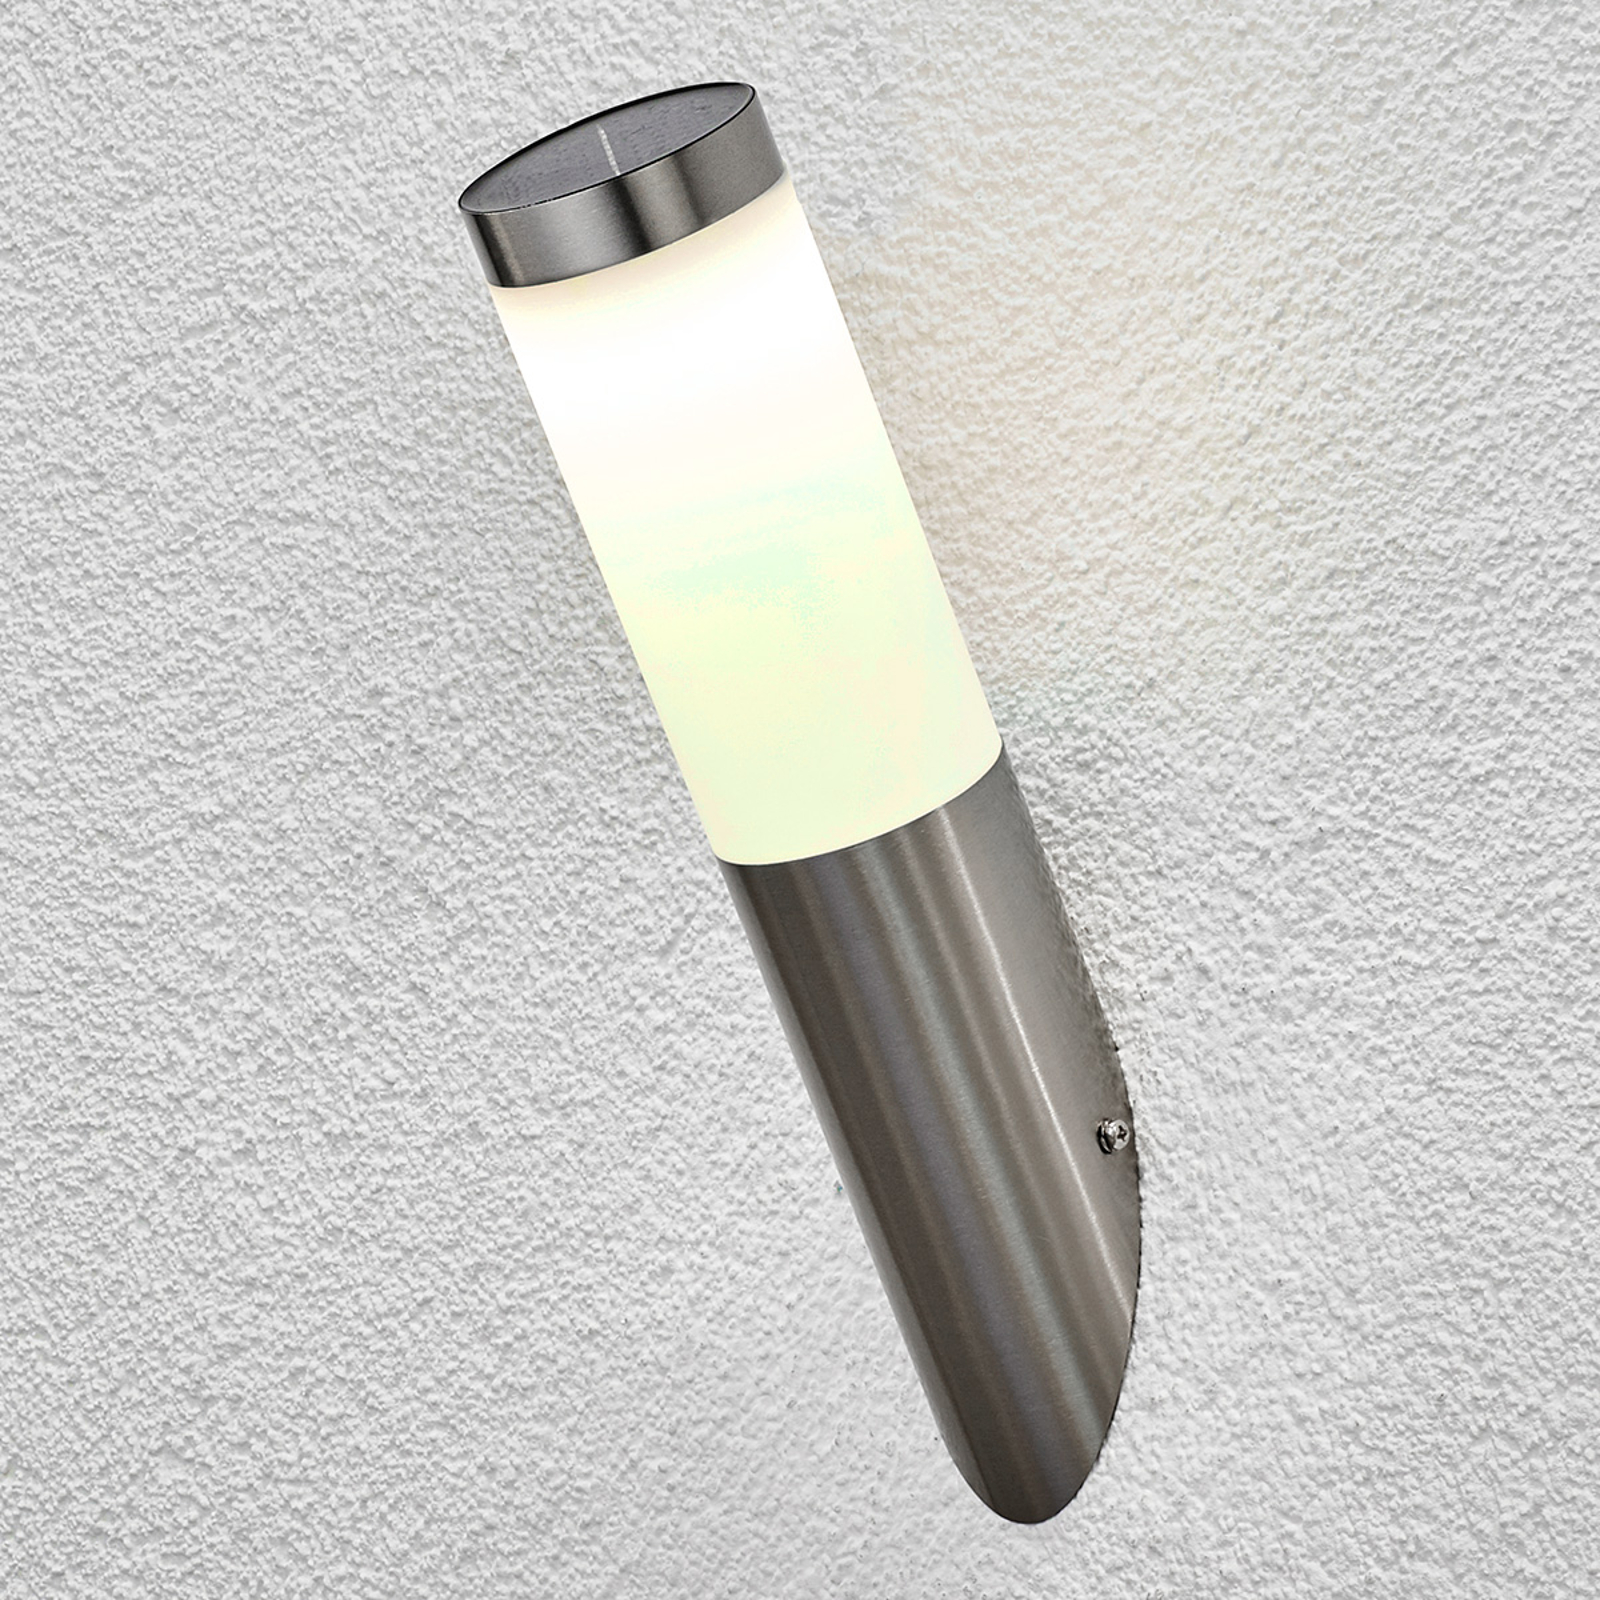 Aurinkotoiminen Jolla LED-ulkoseinävalaisin